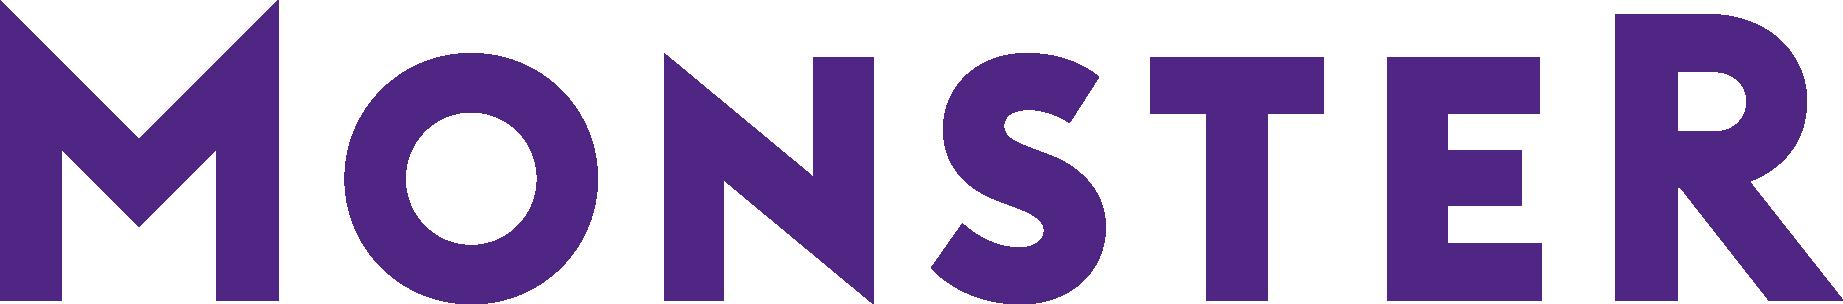 monster-logo.png